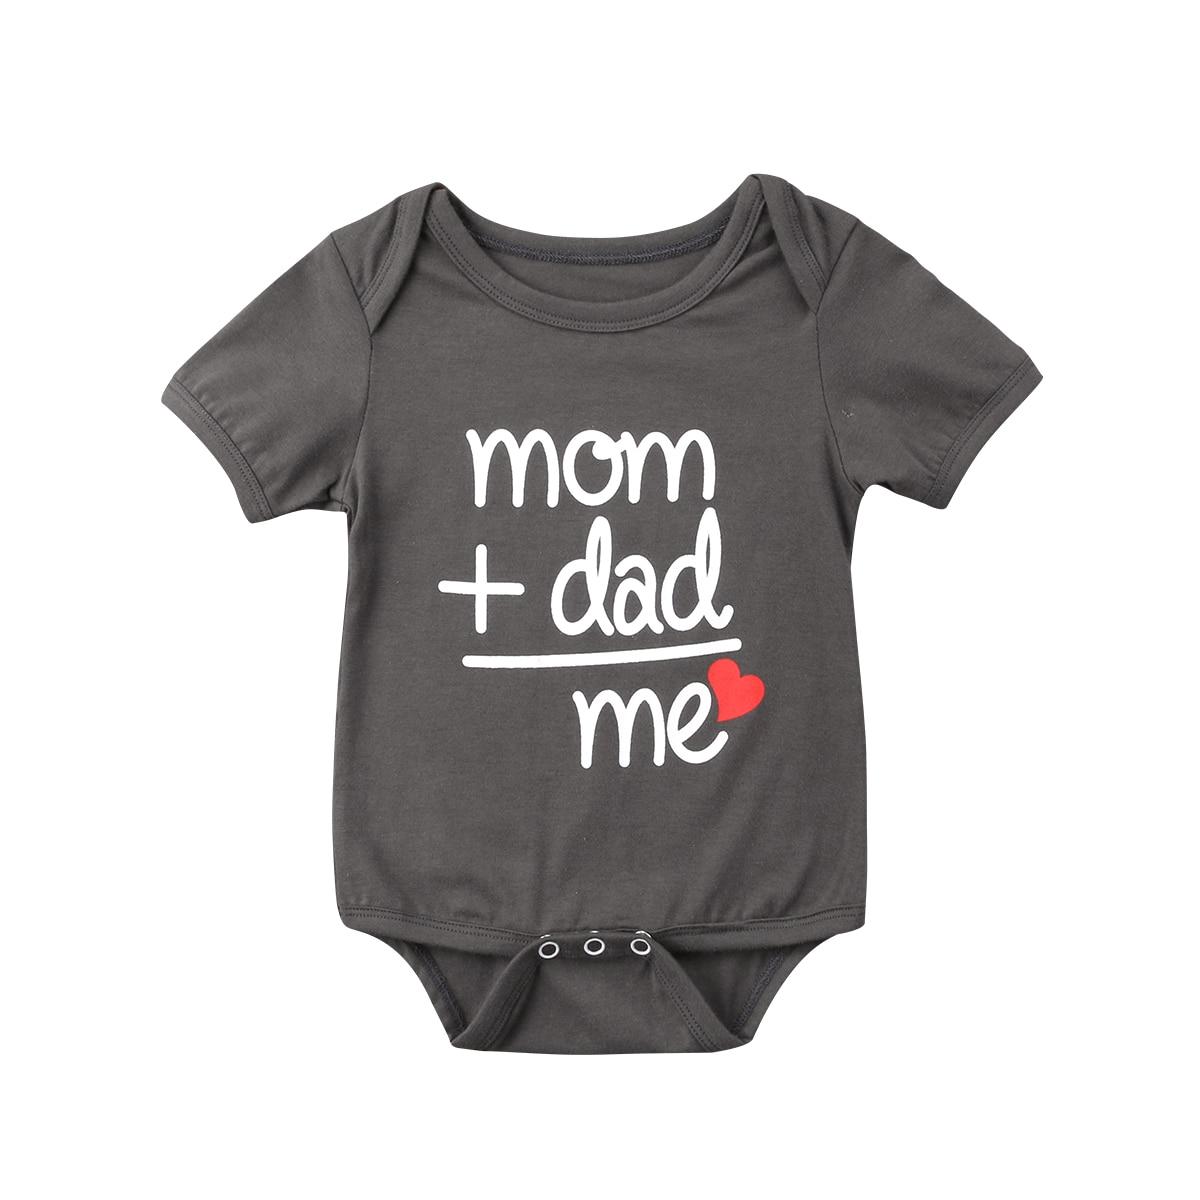 2020 mãe pai me bebê recém-nascido menina menino bodysuit crianças manga curta carta impressão babygrow verão crianças playsuit roupas